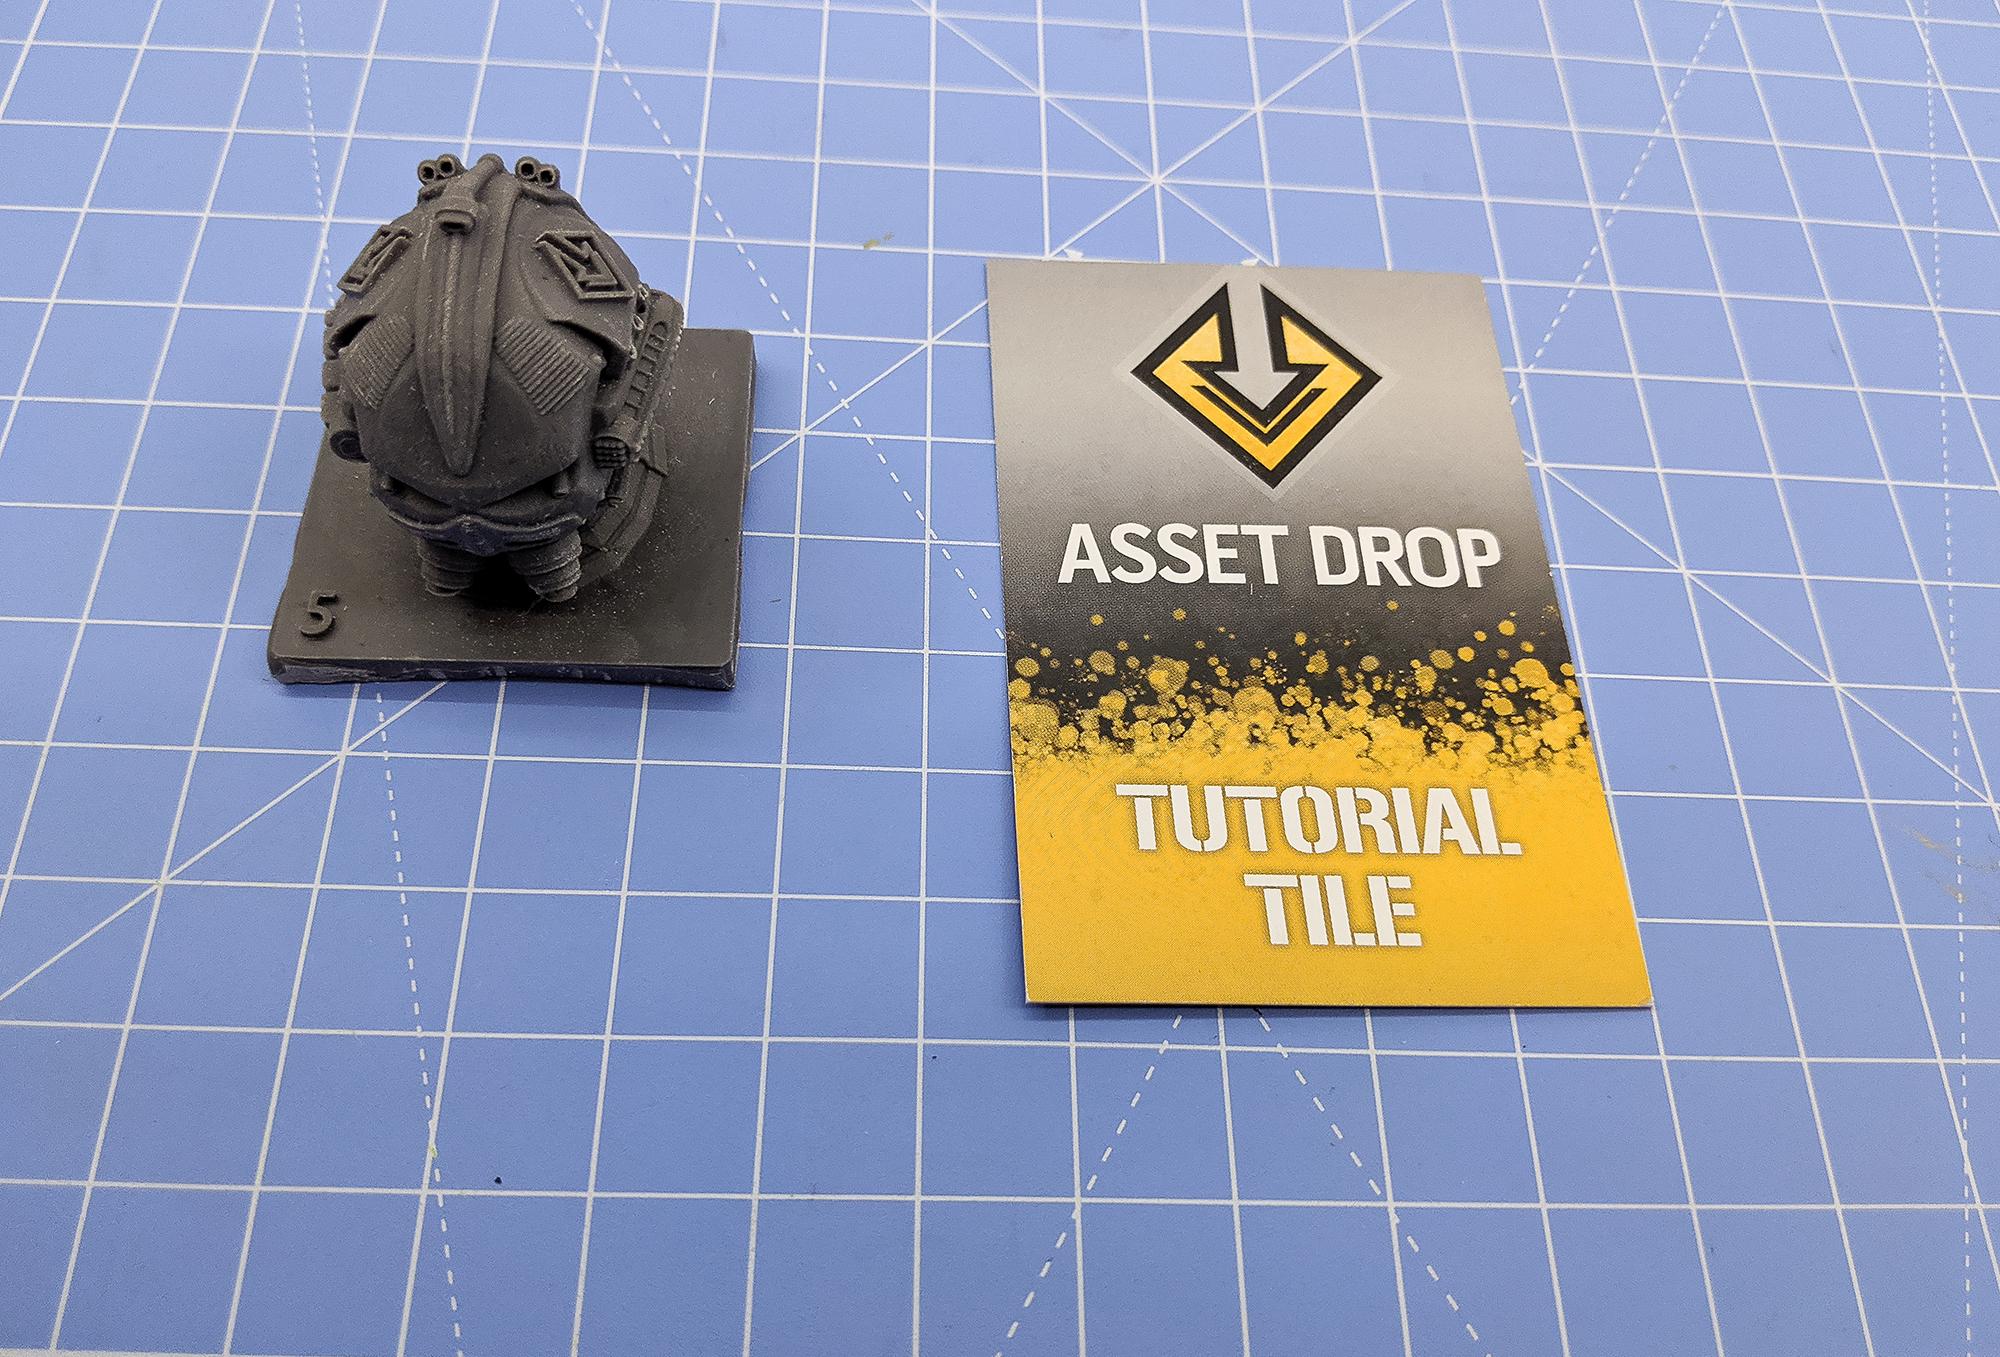 asset drop discovery sci-fi helmet tutorial tile